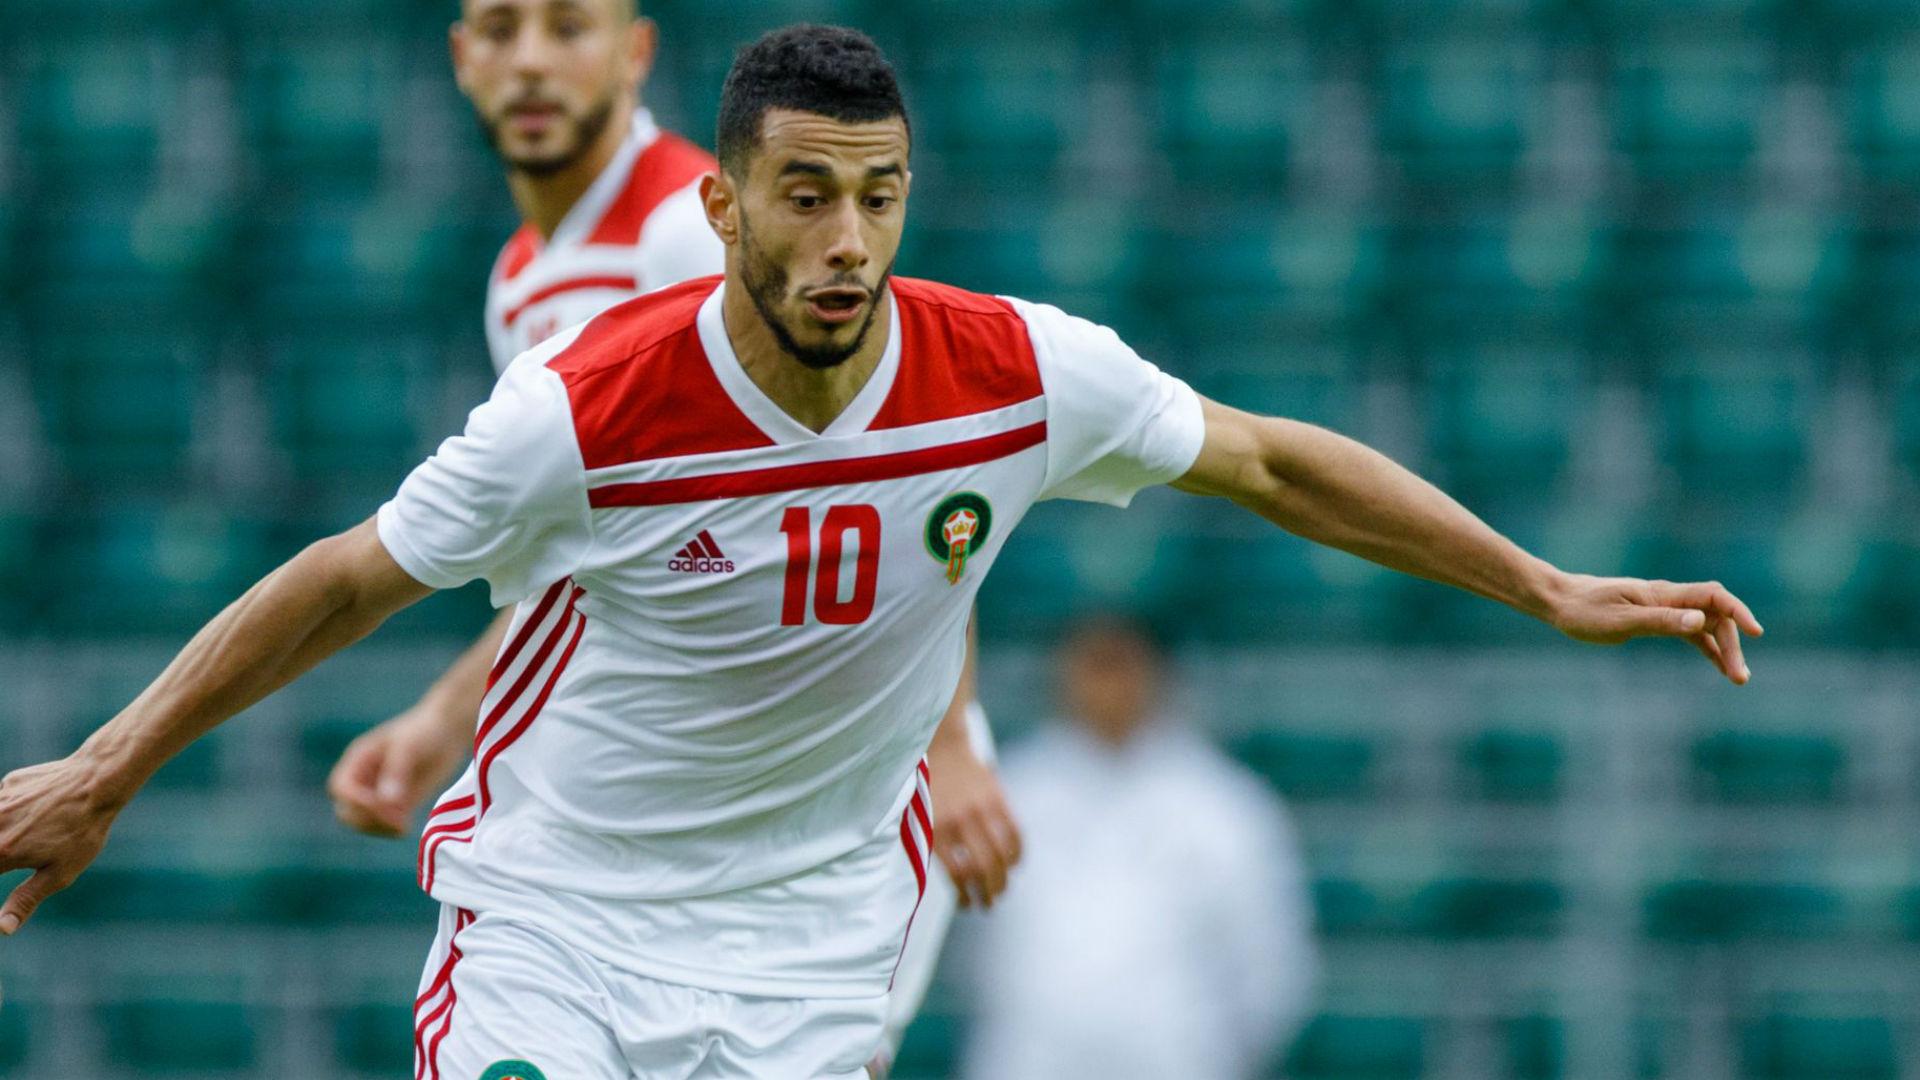 Marrocos amistoso 11 06 2018